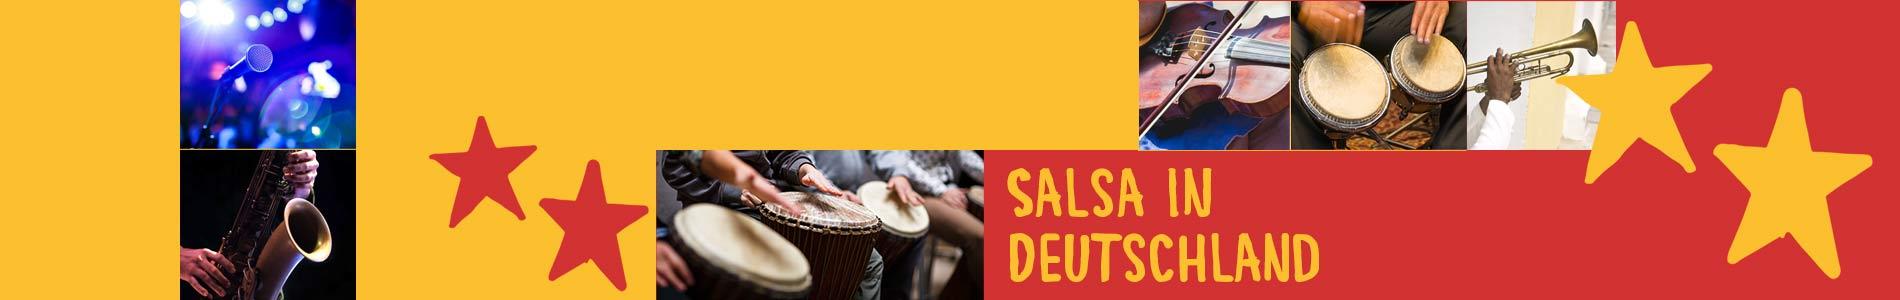 Salsa in Briedel – Salsa lernen und tanzen, Tanzkurse, Partys, Veranstaltungen